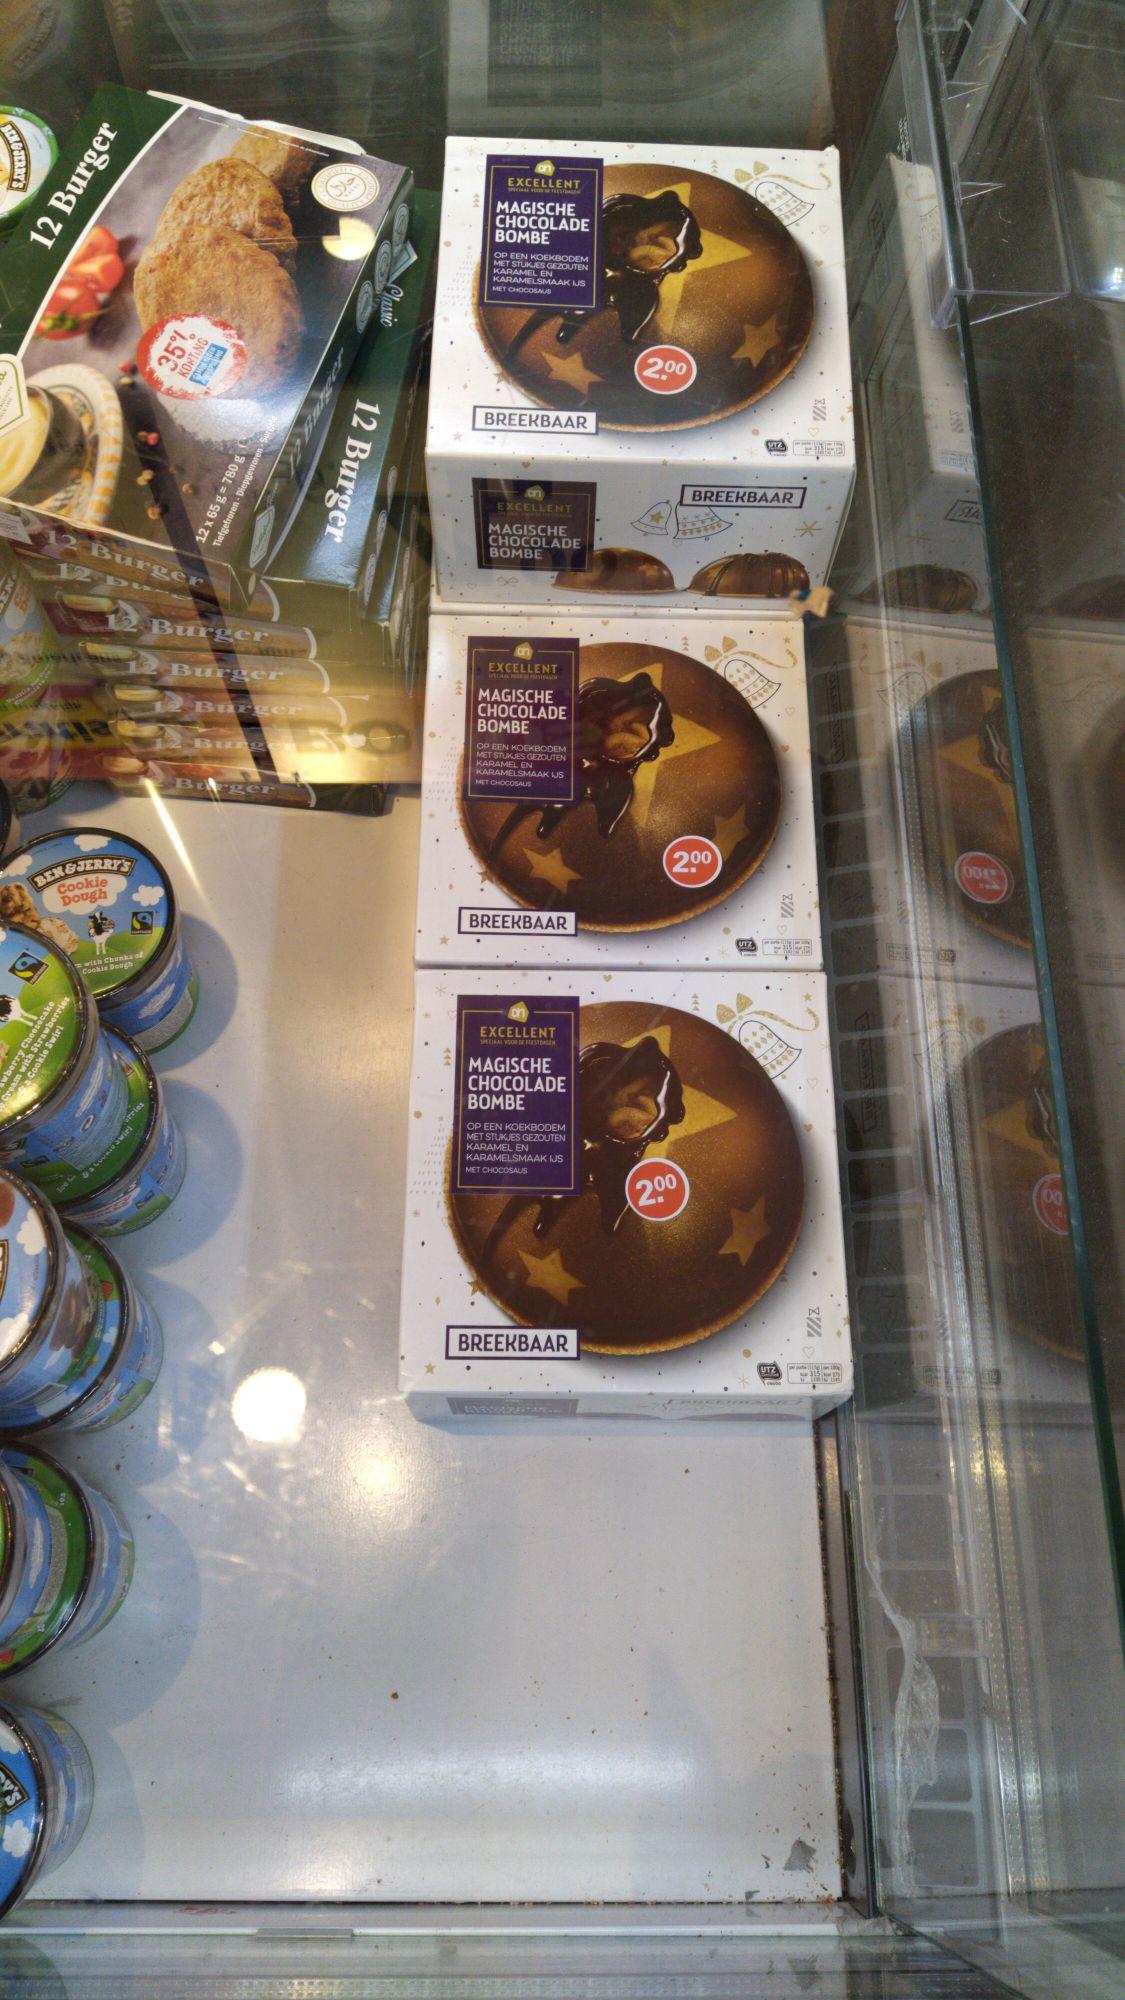 [Lokaal] AH Grote chocolade bombe voor 2 euro